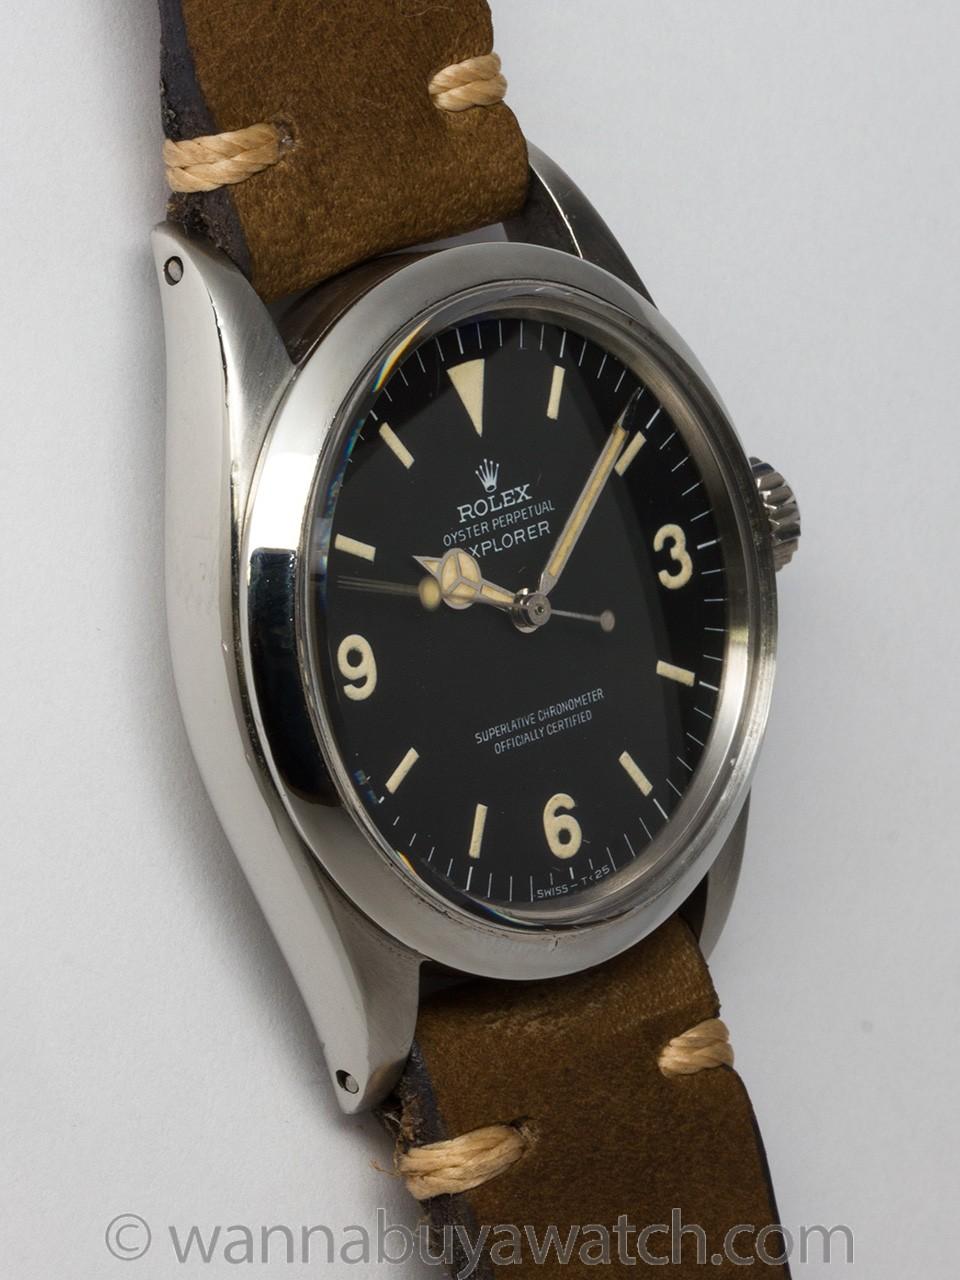 Rolex SS Explorer 1 ref 1016 circa 1969